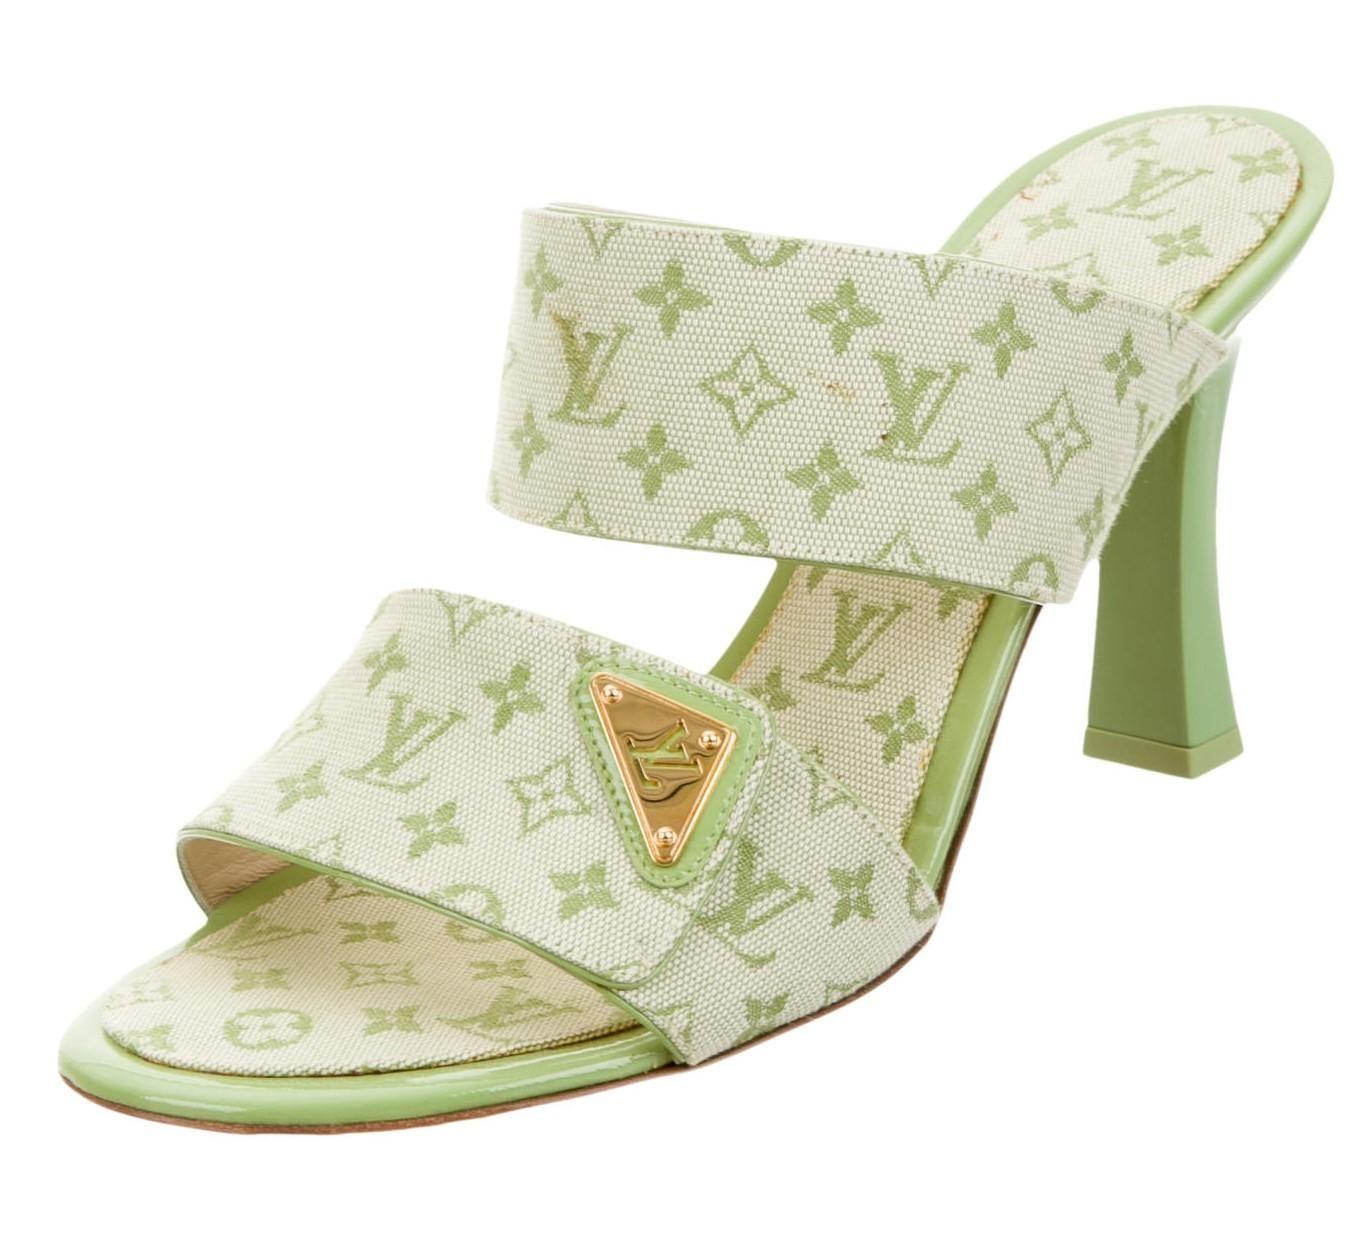 Monogram sandals, Lv monogram